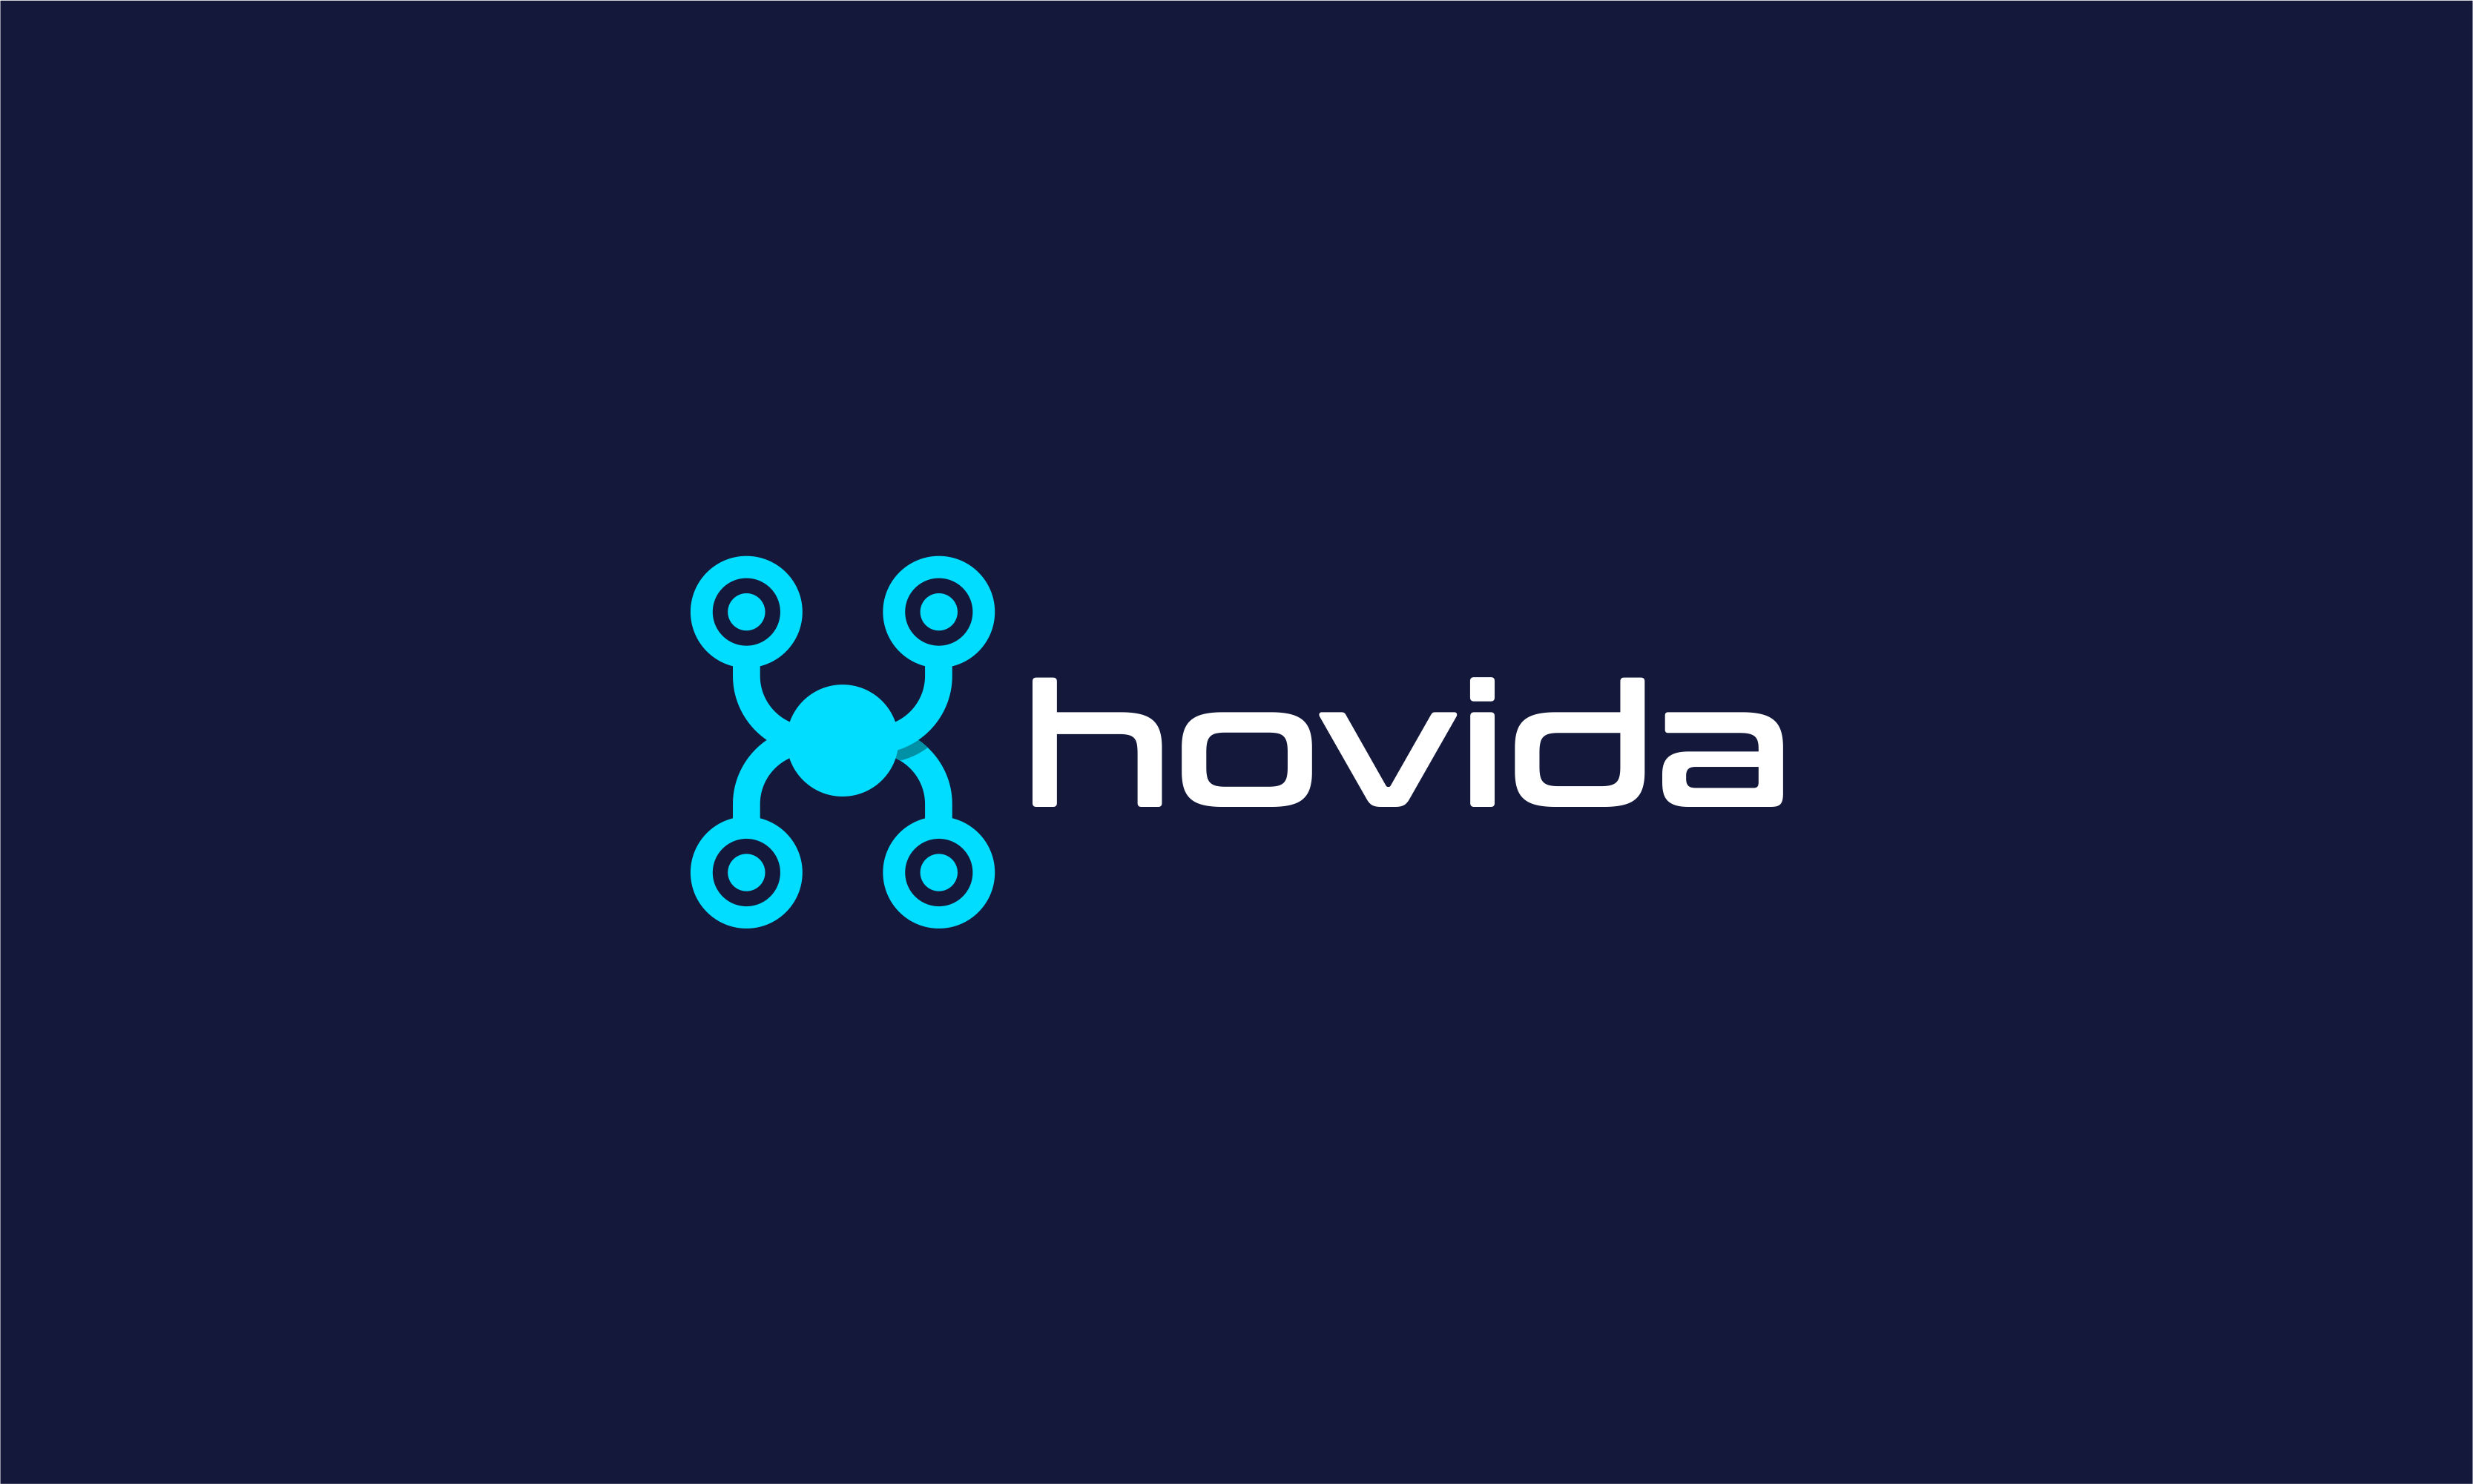 Hovida